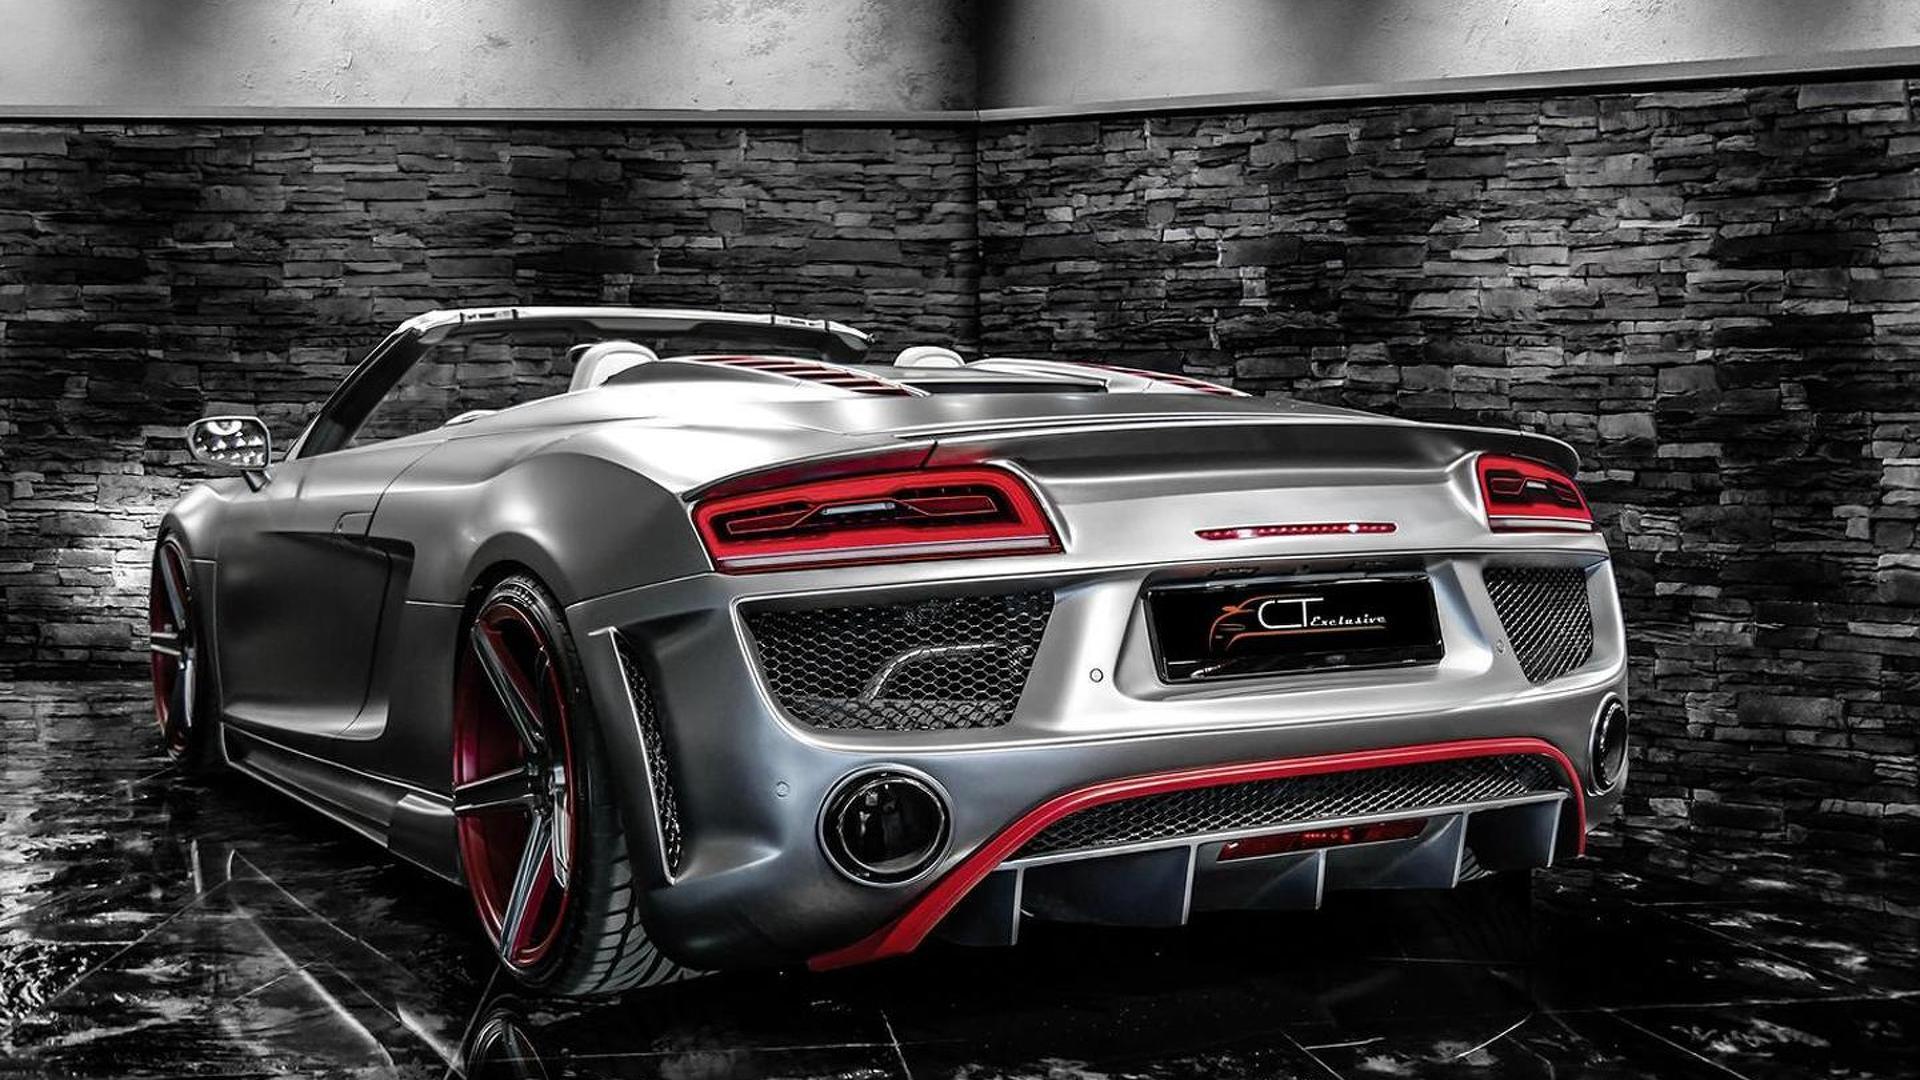 Тюнингованная Audi R8 Spyder от CT Exclusive